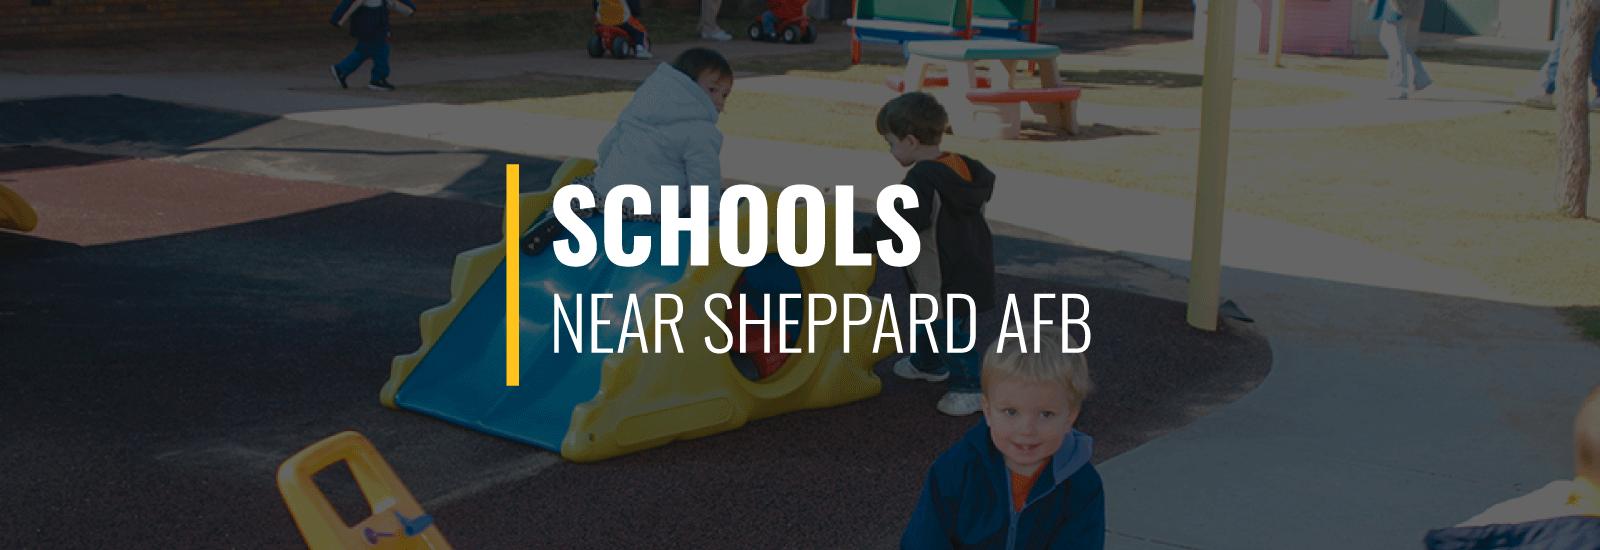 Sheppard AFB Schools